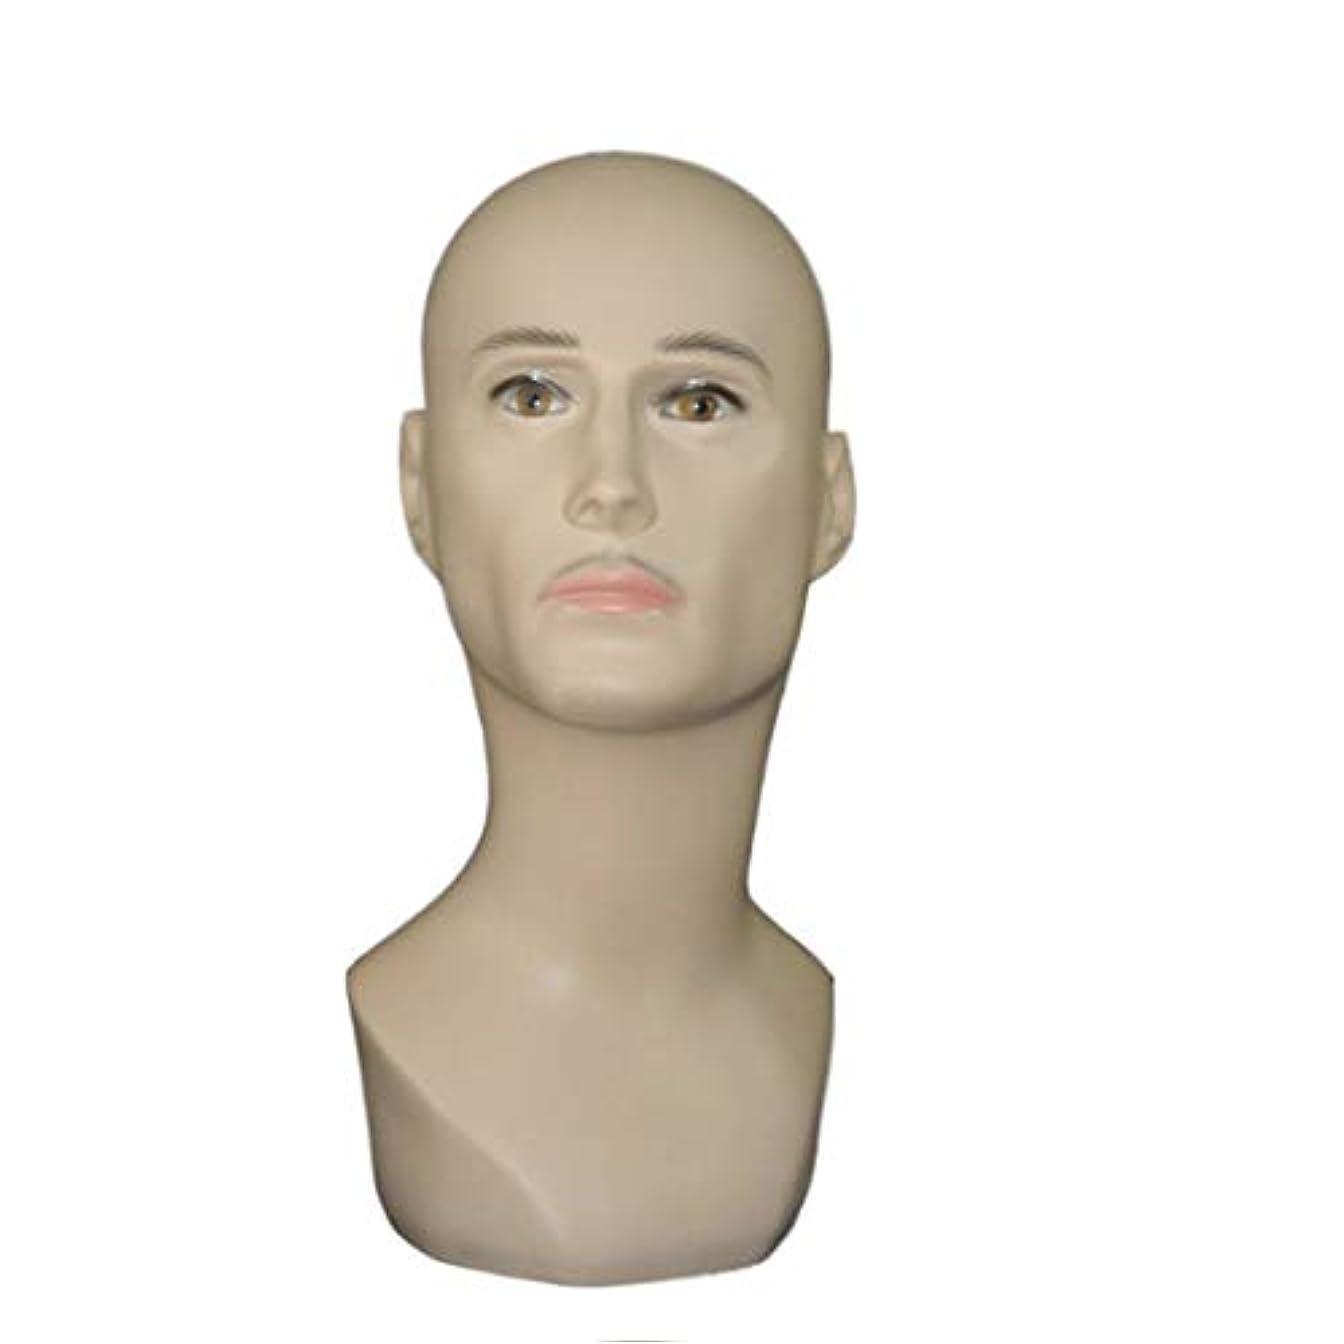 無意識新聞近似PVCヘッド型トレーニングマネキンフラットヘッド練習、ヘッド美容男性ヘッド型メガネ&caphatショーマネキンヘッド ヘアケア (Style : B)